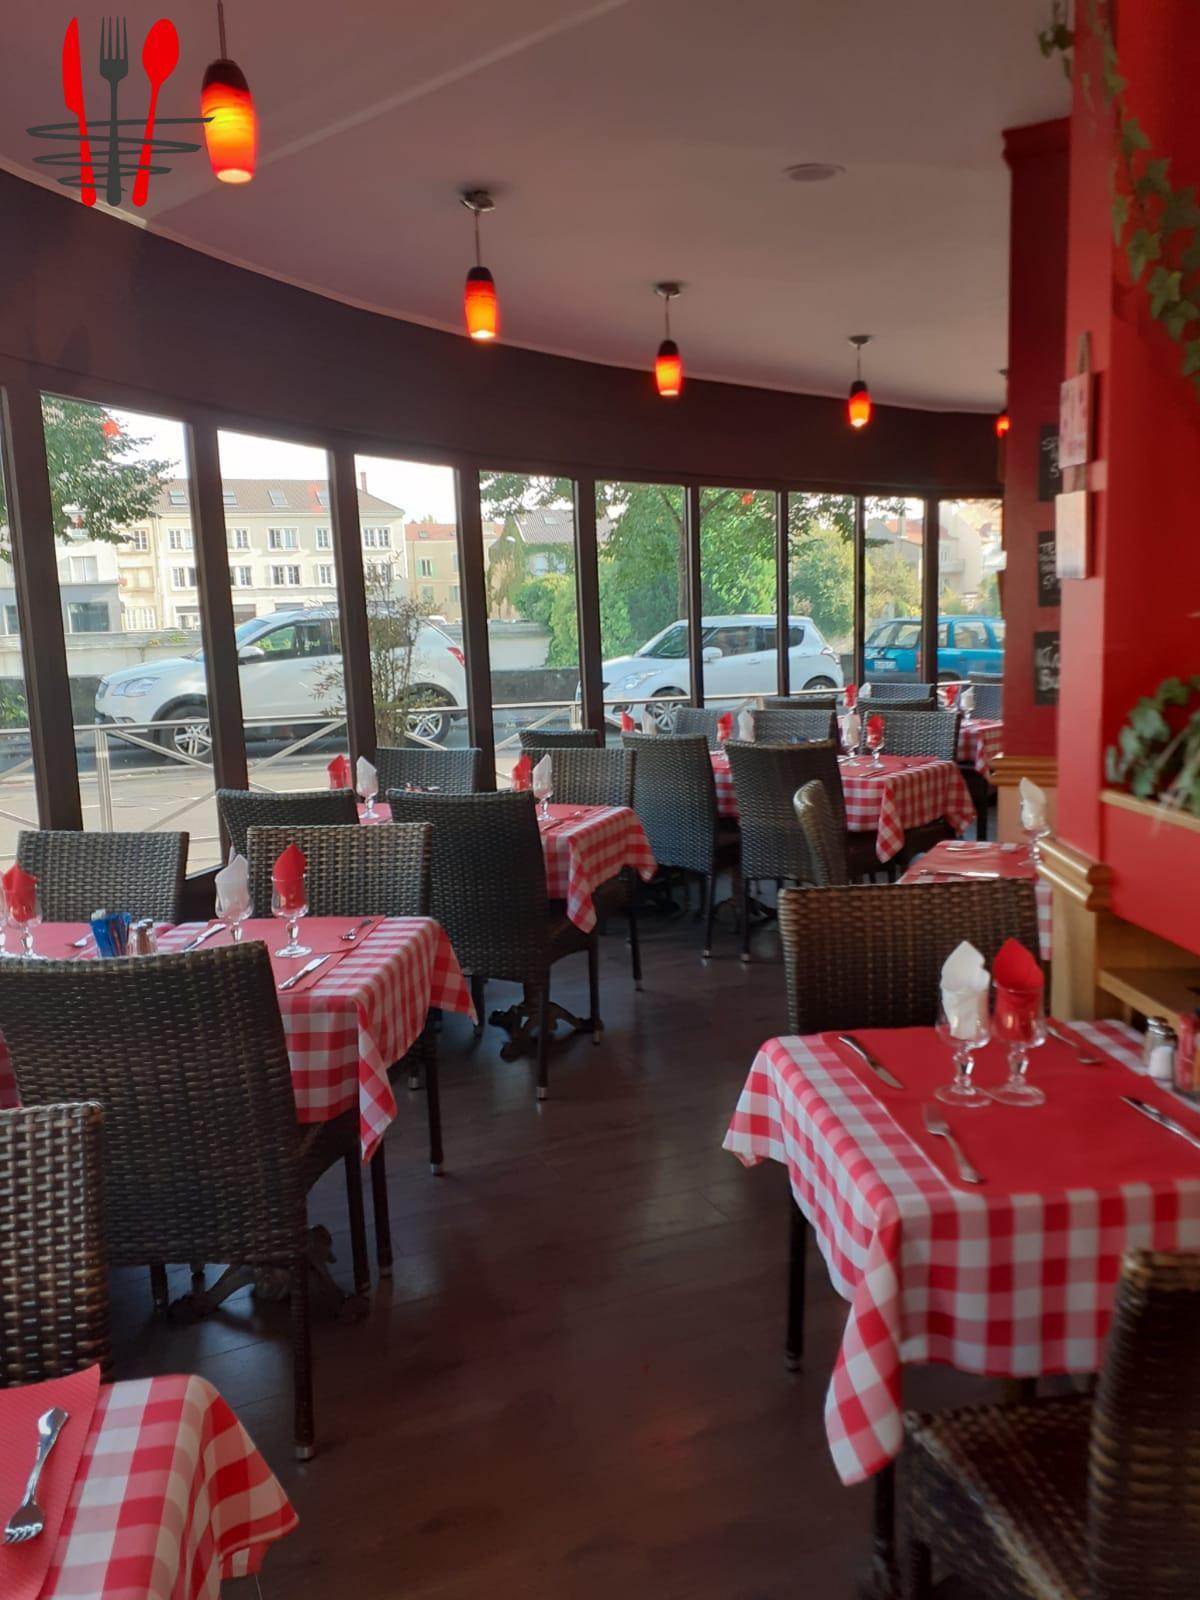 A vendre Bar brasserie parisienne